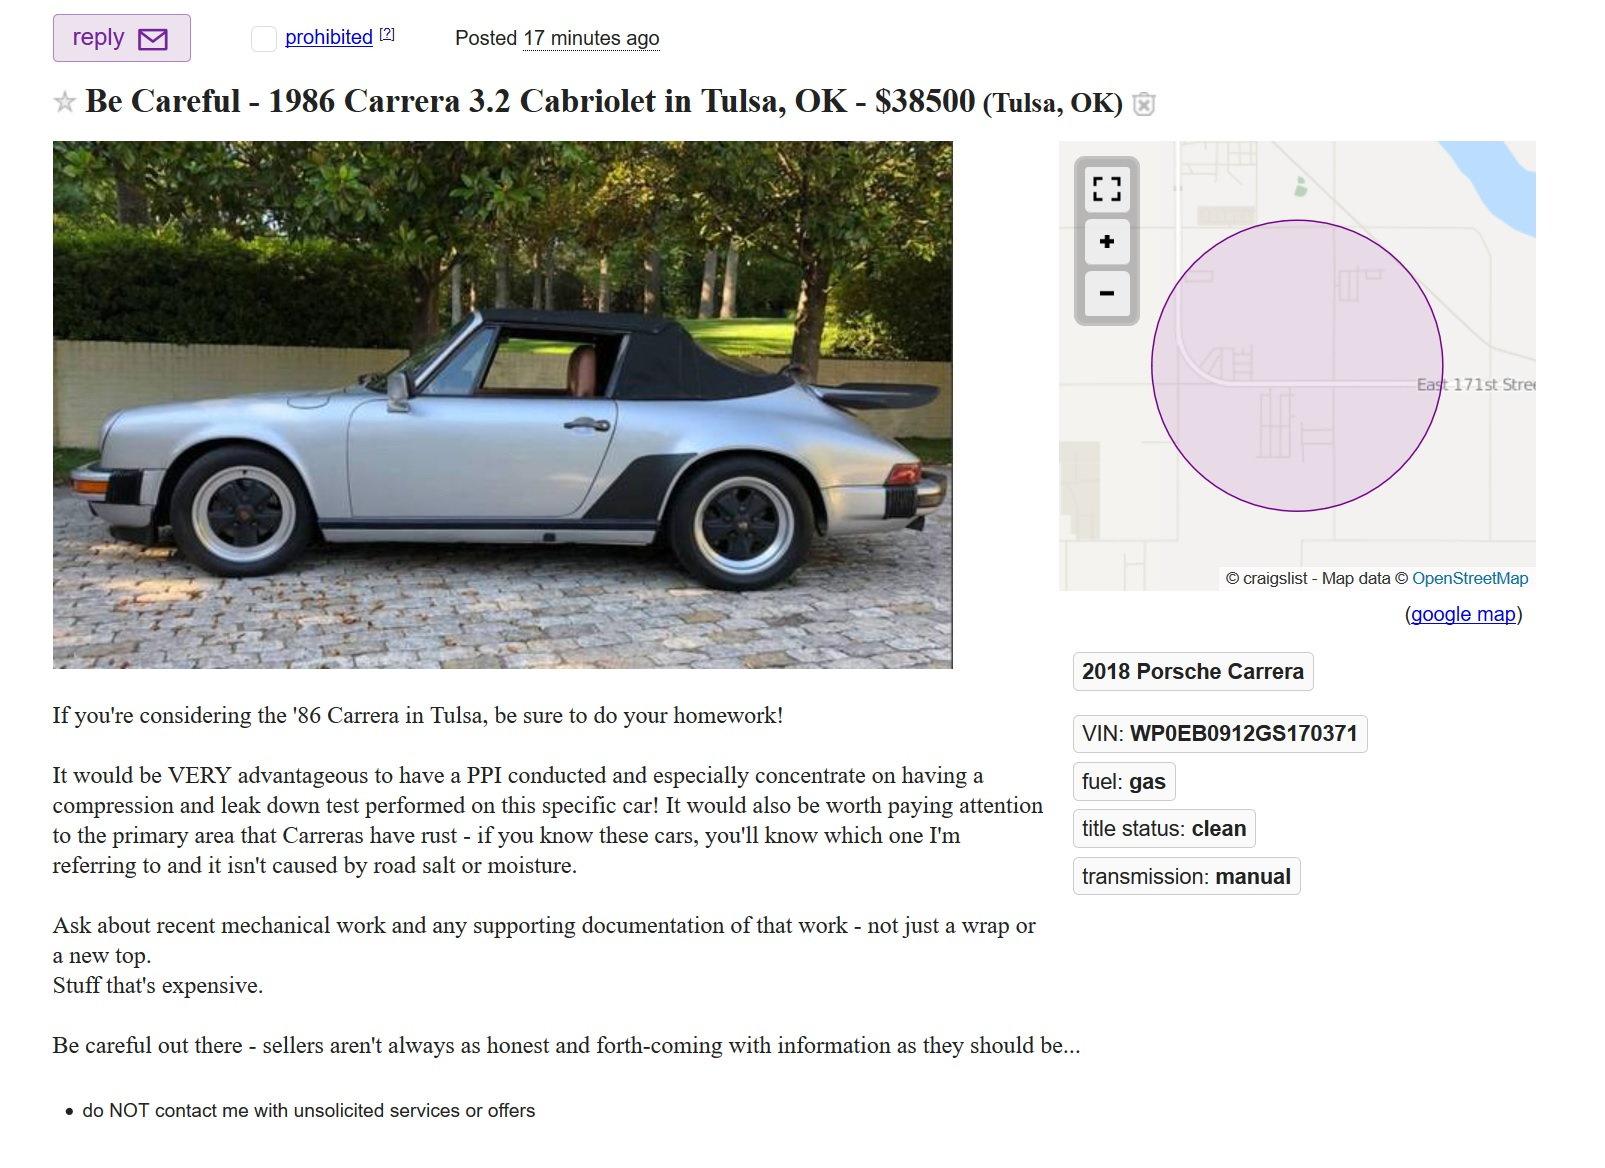 Craiglist Warning 1986 Cab Tulsa OK - Rennlist - Porsche ...